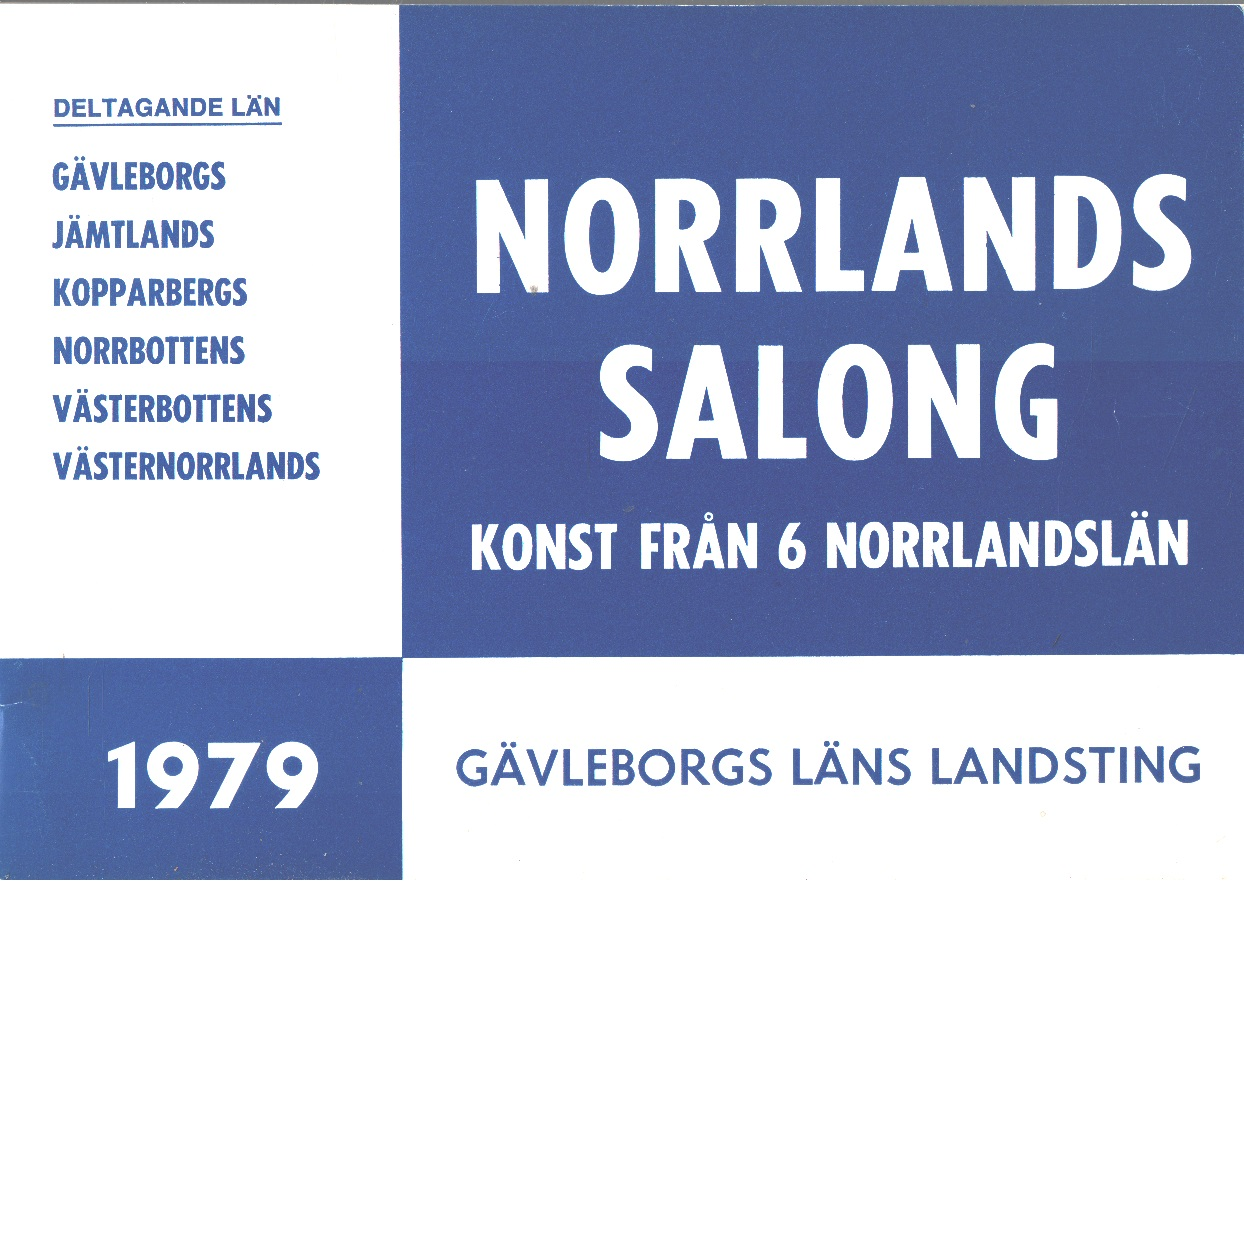 Norrlands salong konst från 6 norrlandslän - Red.